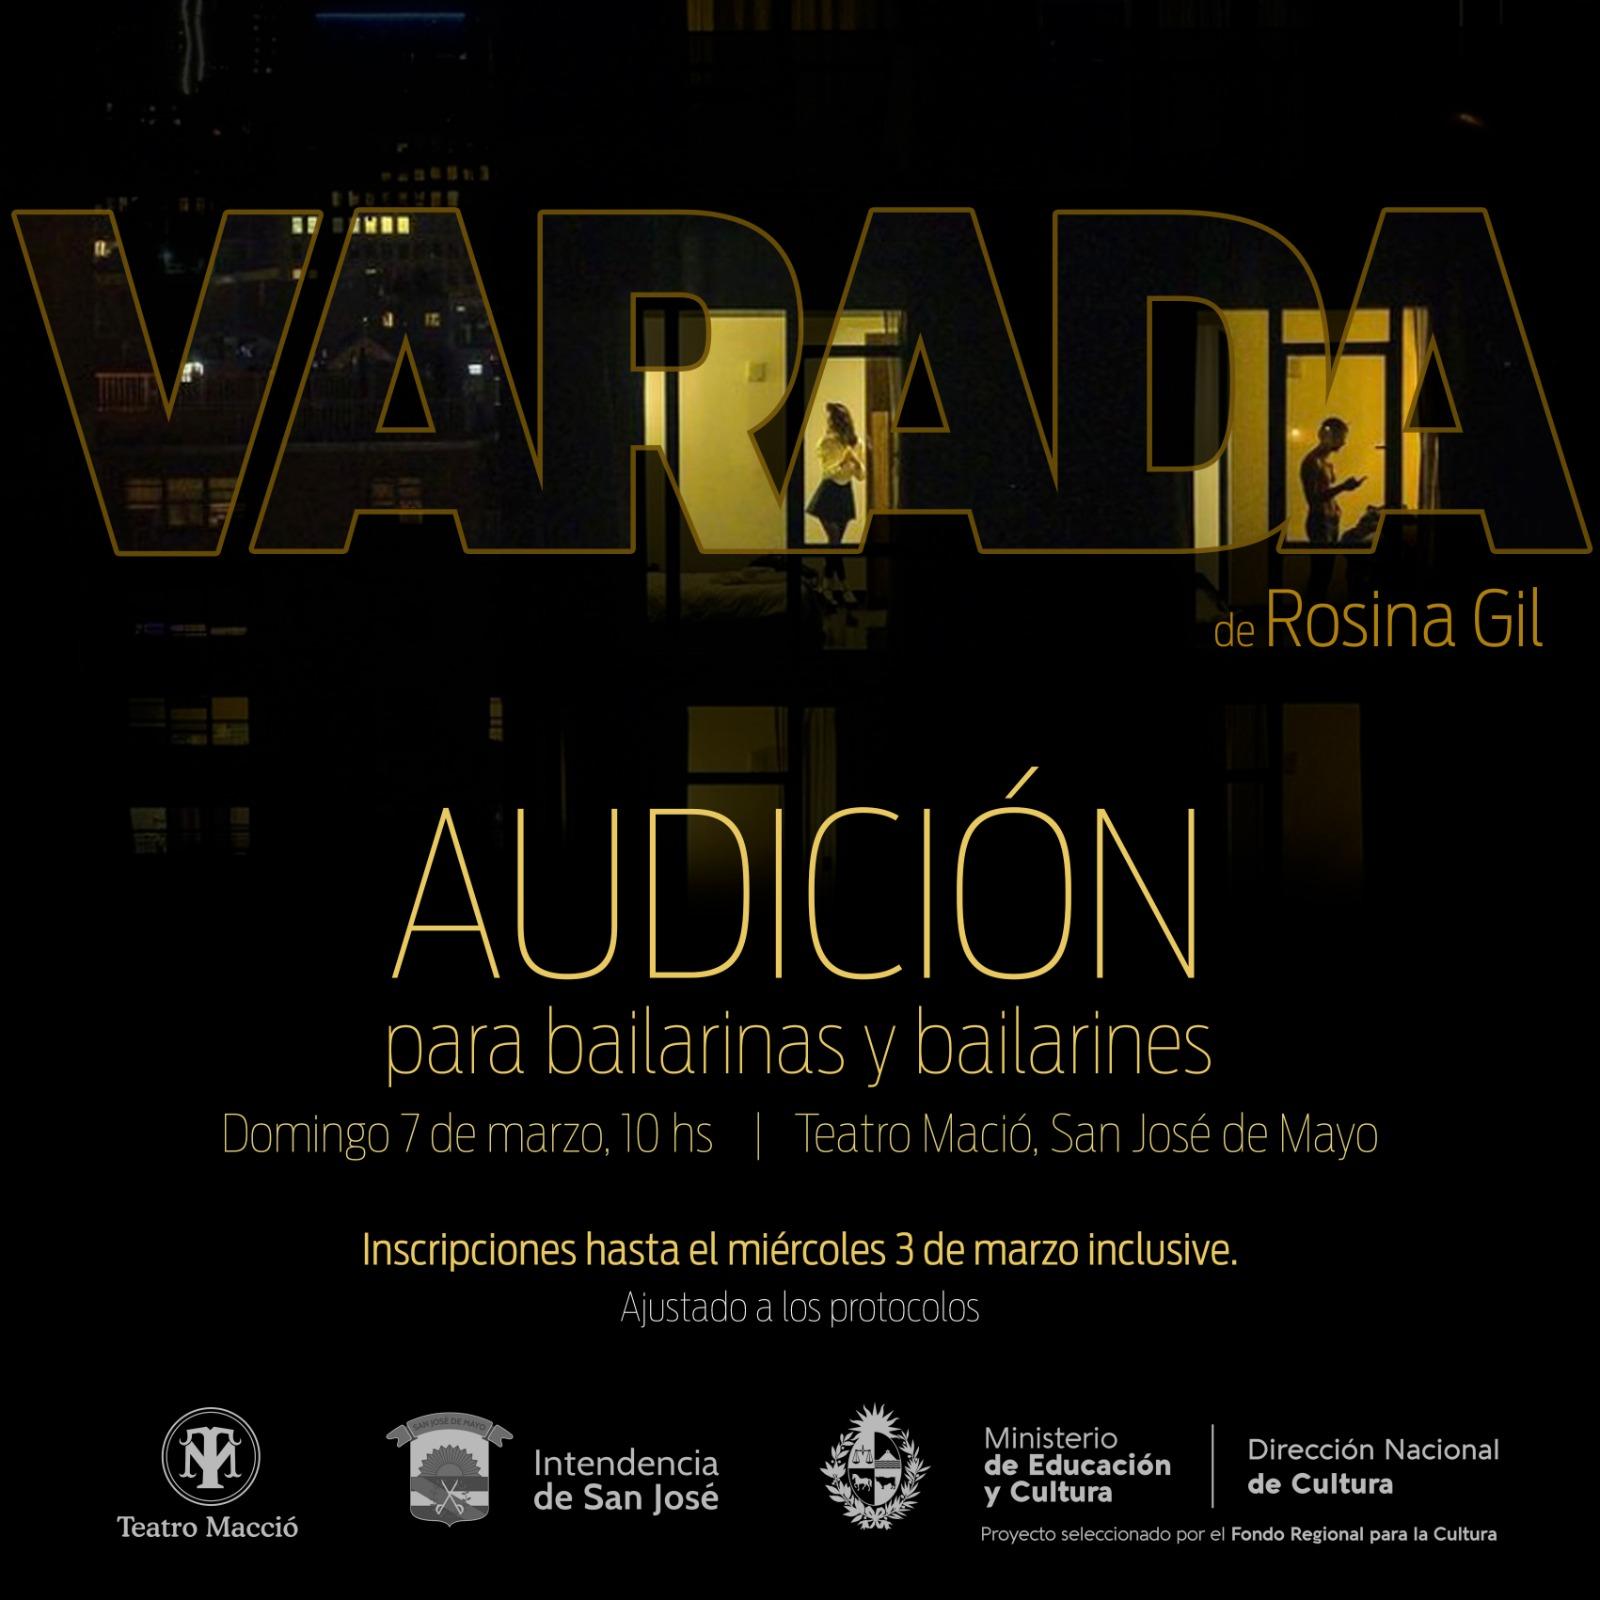 Audición de bailarinas y bailarines para VARADA con Rosina Gil